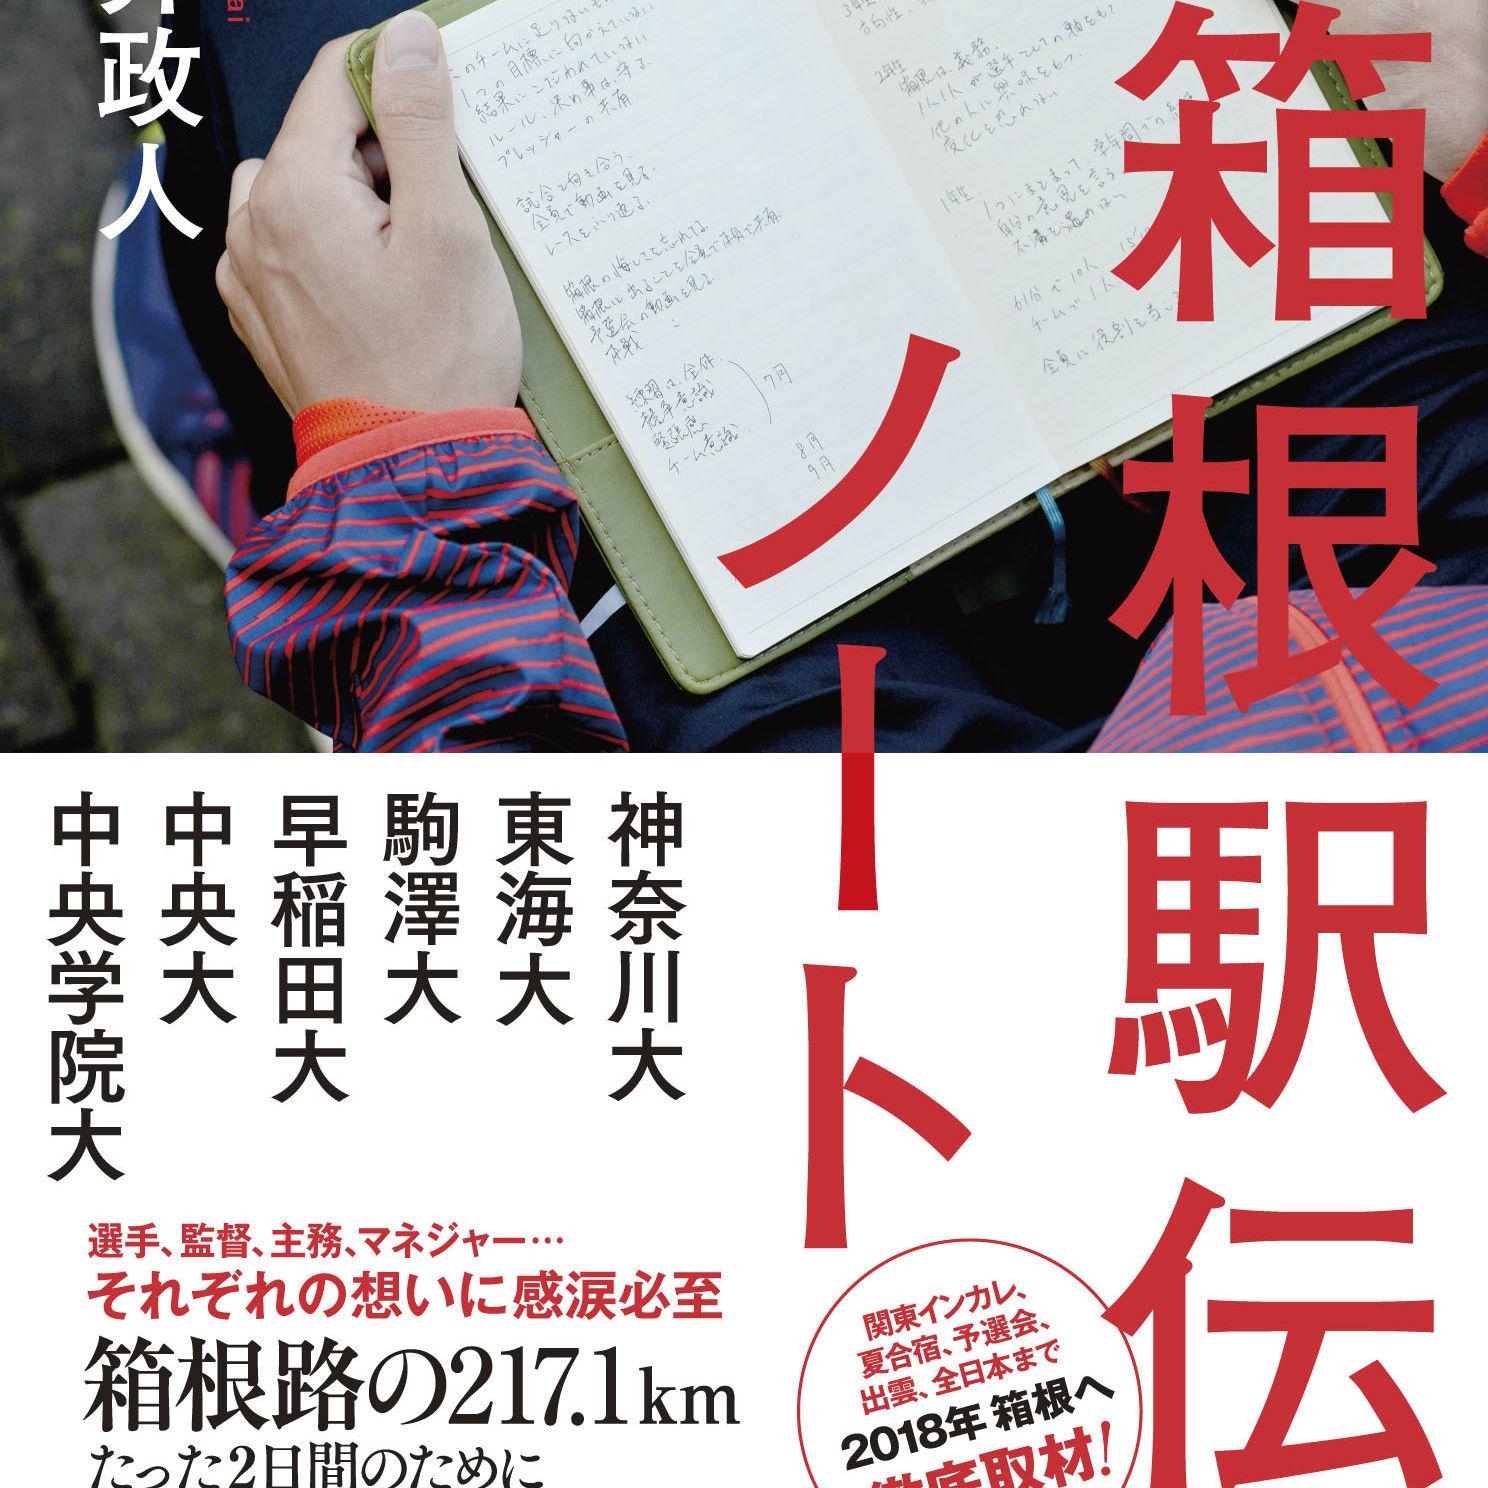 ノートに綴った箱根駅伝。そのドラマは217.1kmを走る前から始まっている